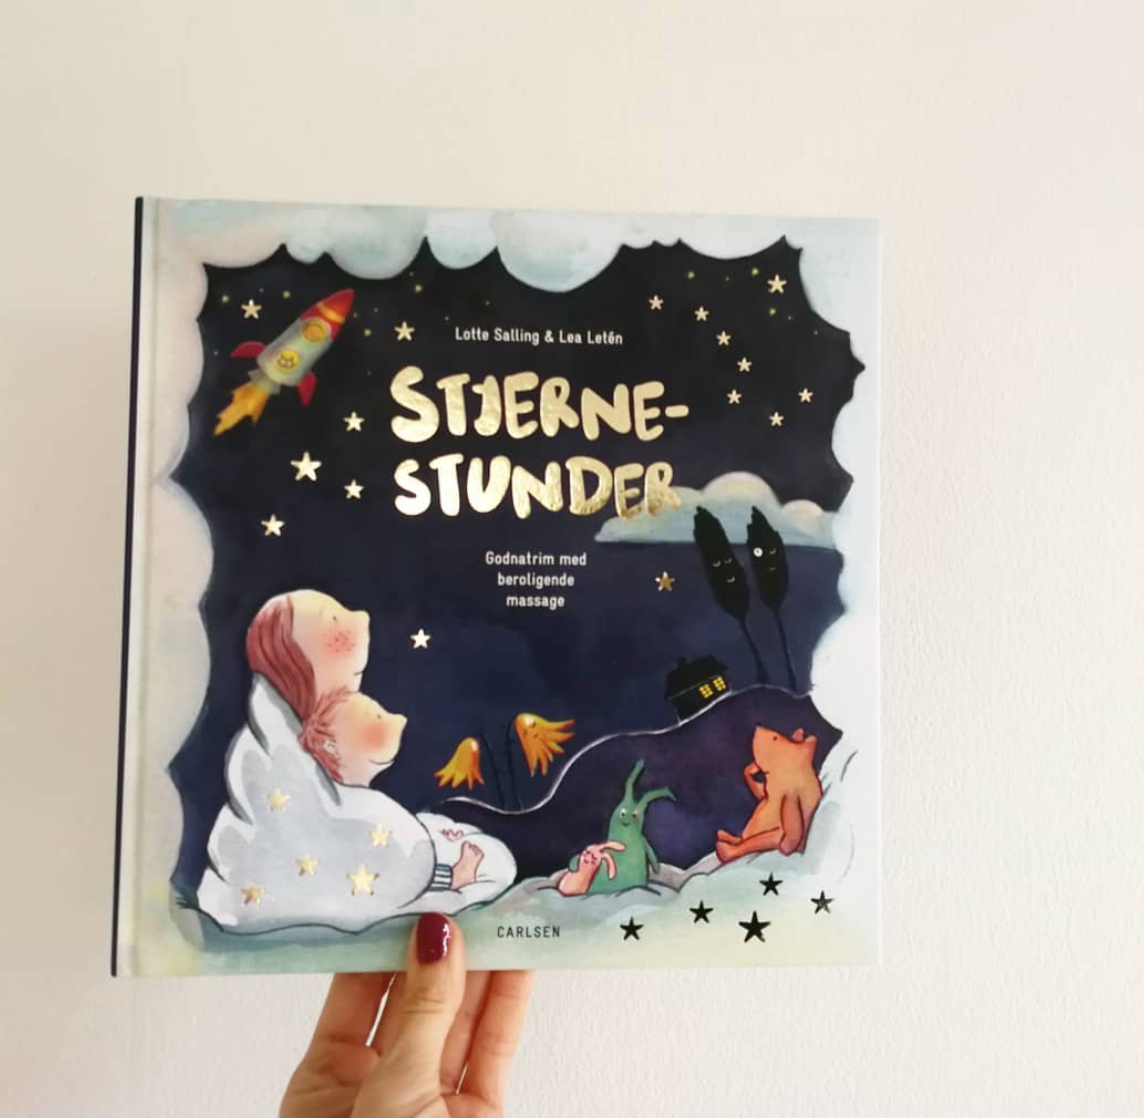 stjernestunder lotte samling børnemassage godnathistorie